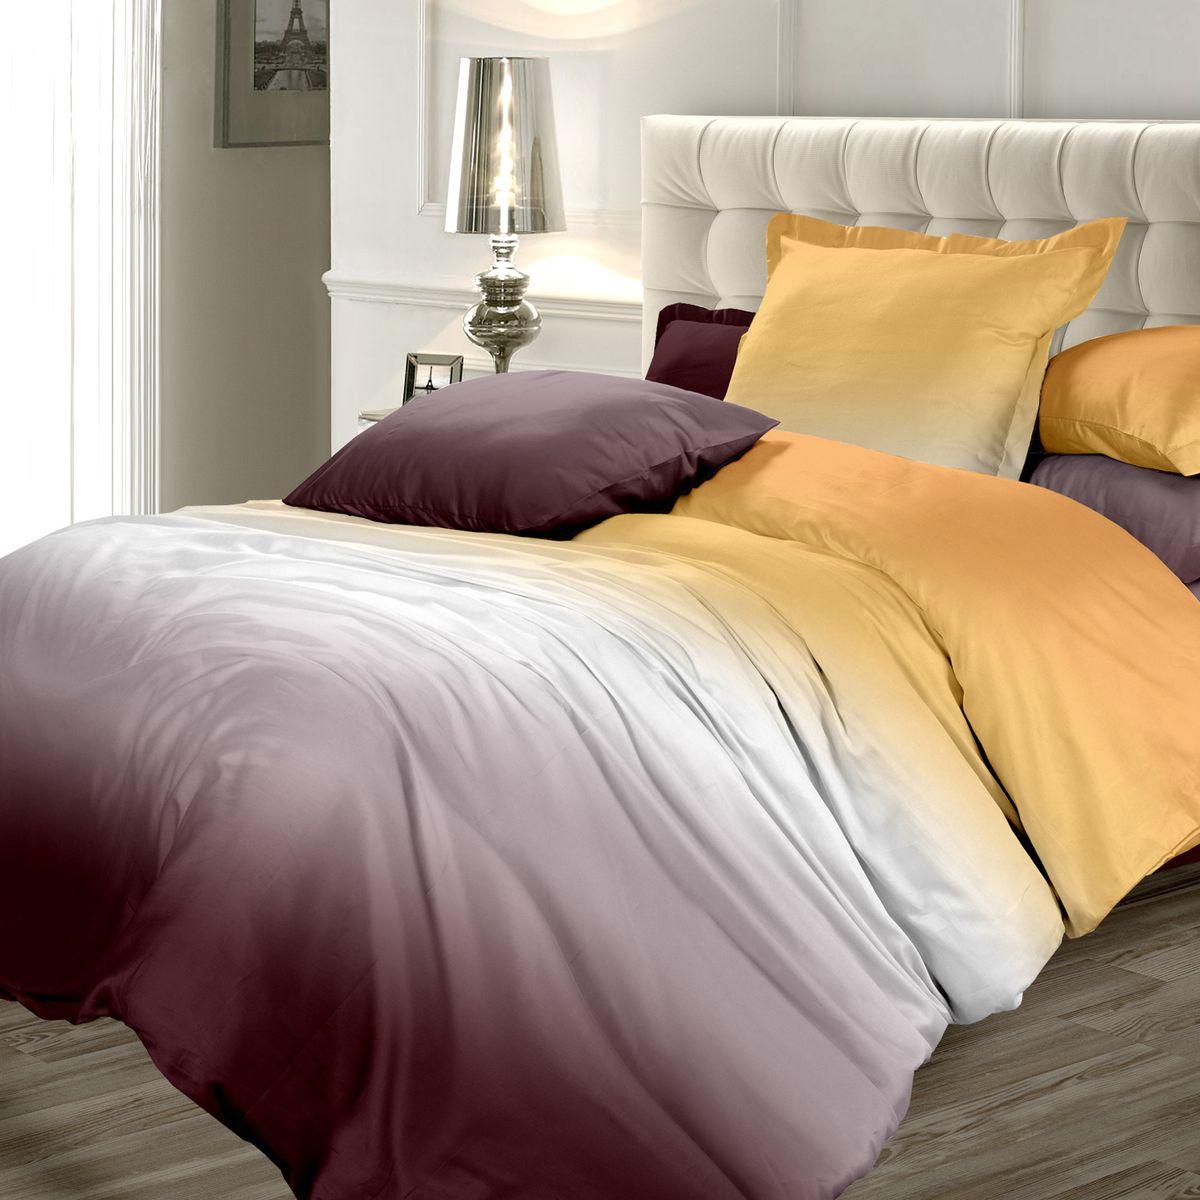 Комплект белья Унисон Осенняя соната, 1,5-спальный, наволочки 70x70DAVC150Сатин – прочная и плотная ткань с диагональным переплетением нитей. Хлопковый сатин по мягкости и гладкости уступает атласу, зато не будет соскальзывать с кровати. Сатиновое постельное белье легко переносит стирку в горячей воде, не выцветает. Прослужит комплект из обычного сатина меньше, чем из сатина повышенной плотности, но дольше белья из любой другой хлопковой ткани. Сатин приятен на ощупь, под ним комфортно спать летом и зимой. Унисон - это несколько серий постельного белья с разными дизайнами: яркий молодежный Унисон teens, Унисон а-ля русс с народными мотивами, утонченная коллекция Акварель и другие.